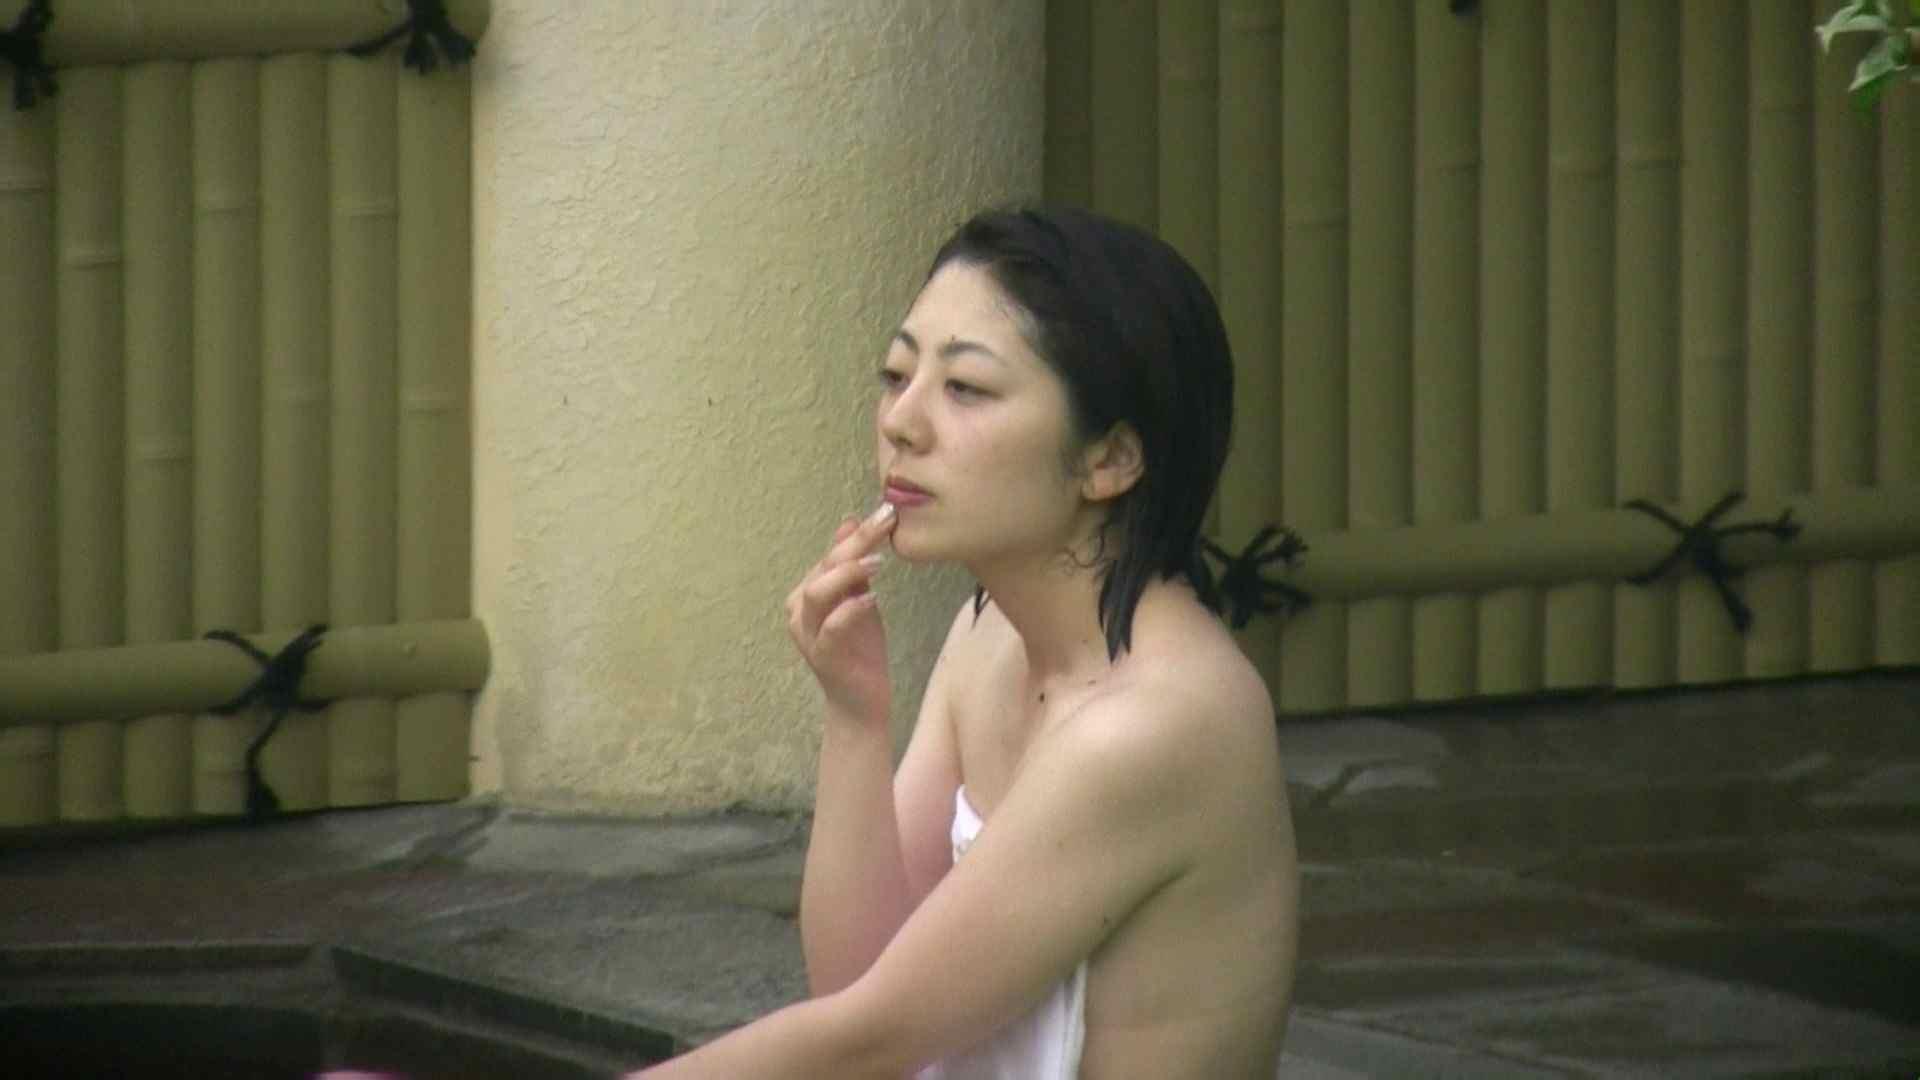 Aquaな露天風呂Vol.04 エッチな盗撮 おまんこ動画流出 84pic 53